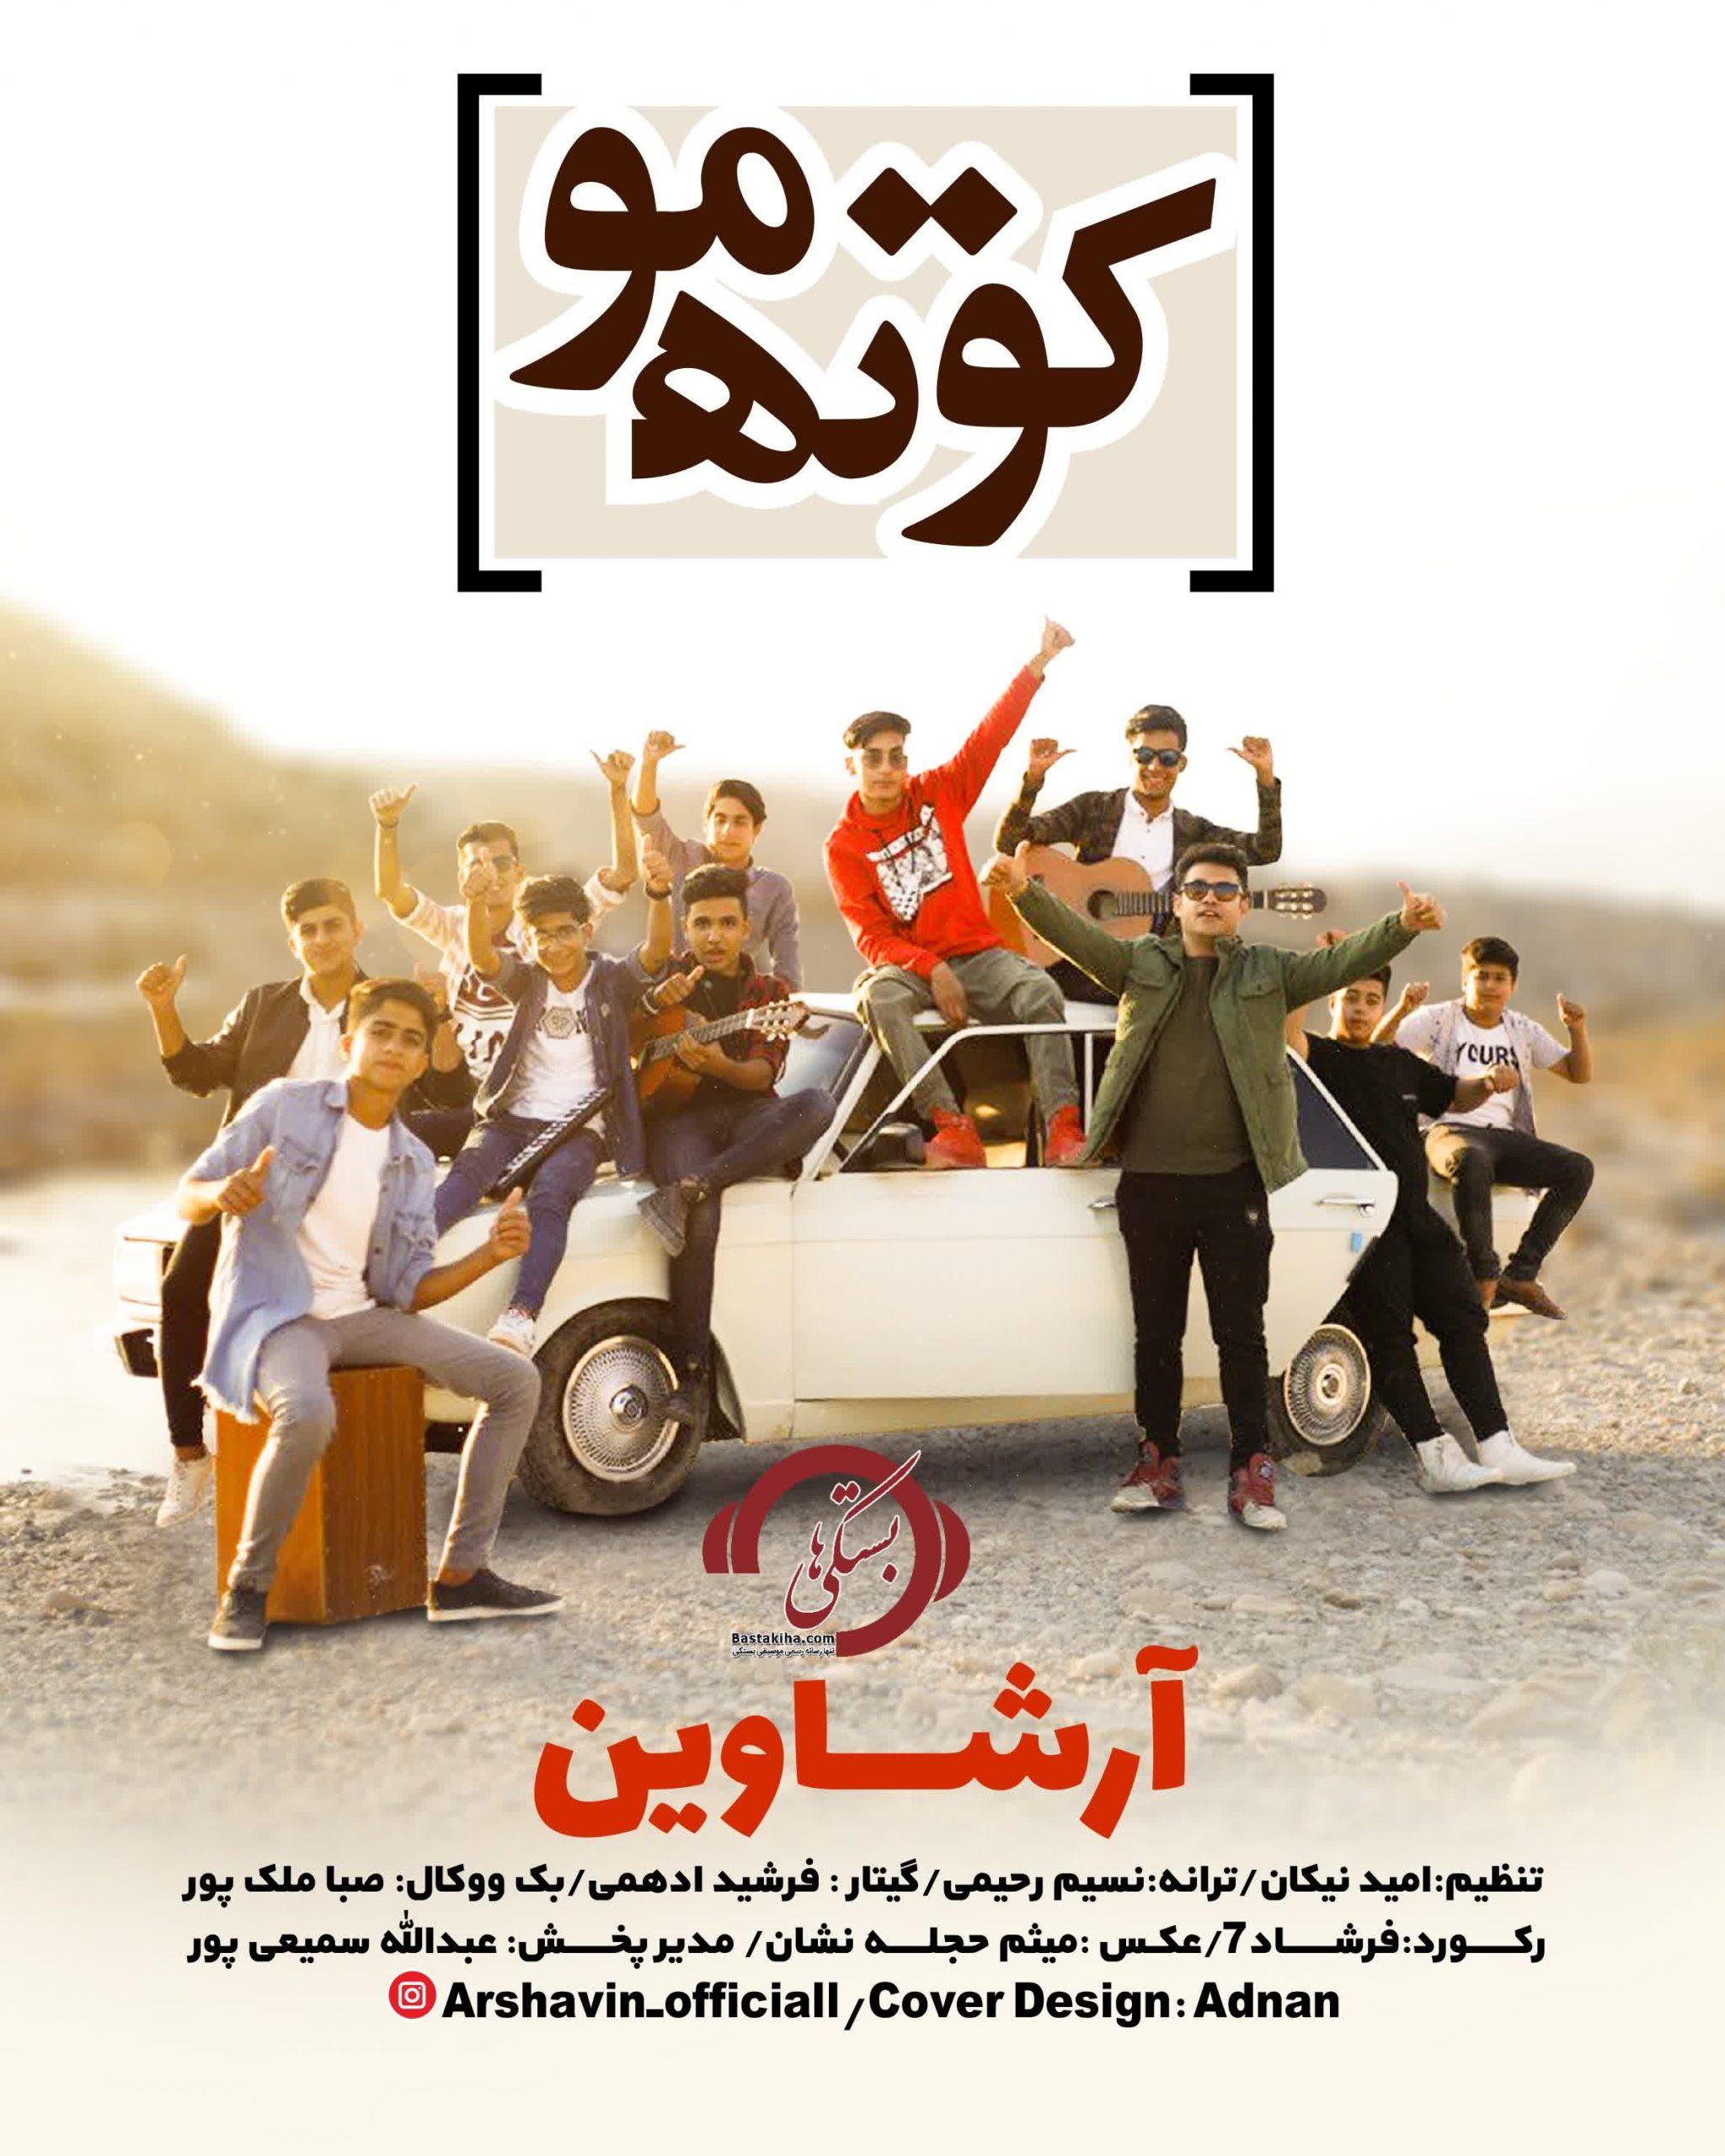 www.BastakiHa.ir بستکی ها | تنها رسانه رسمی موسیقی بستکی – دانلود جدیدترین آهنگ های بستکی ، آهنگ بندری و آهنگ ایرانی